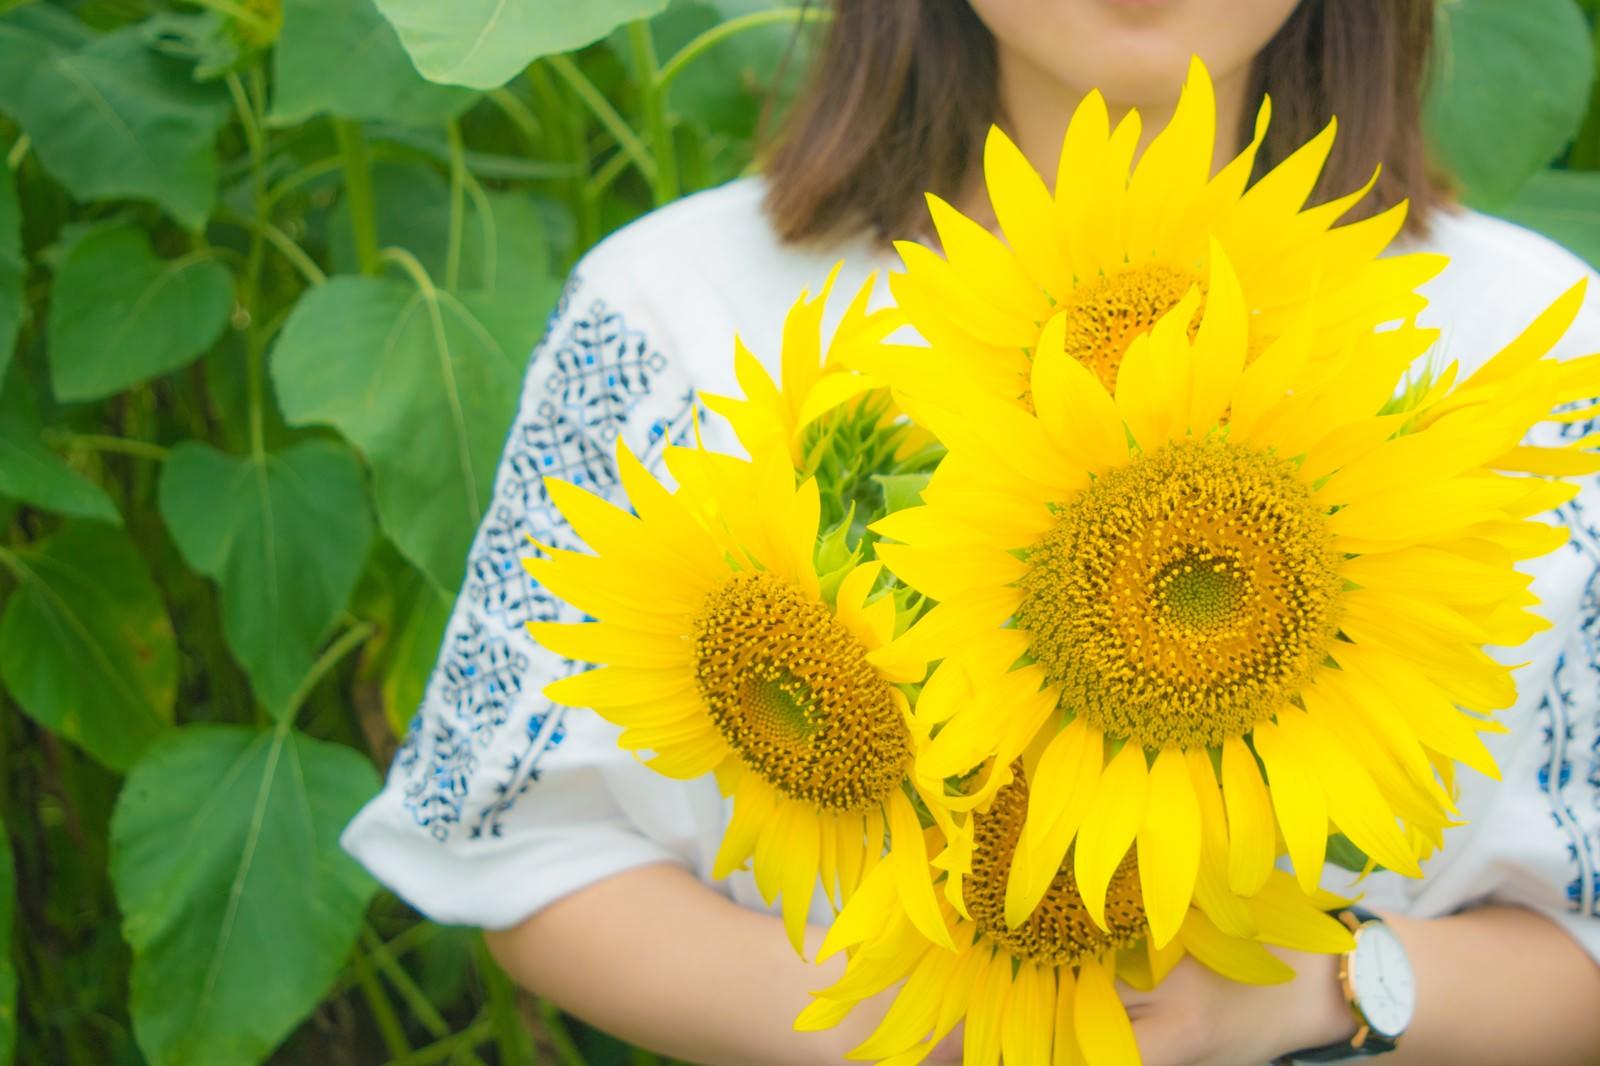 「向日葵の花を持った女性」の写真